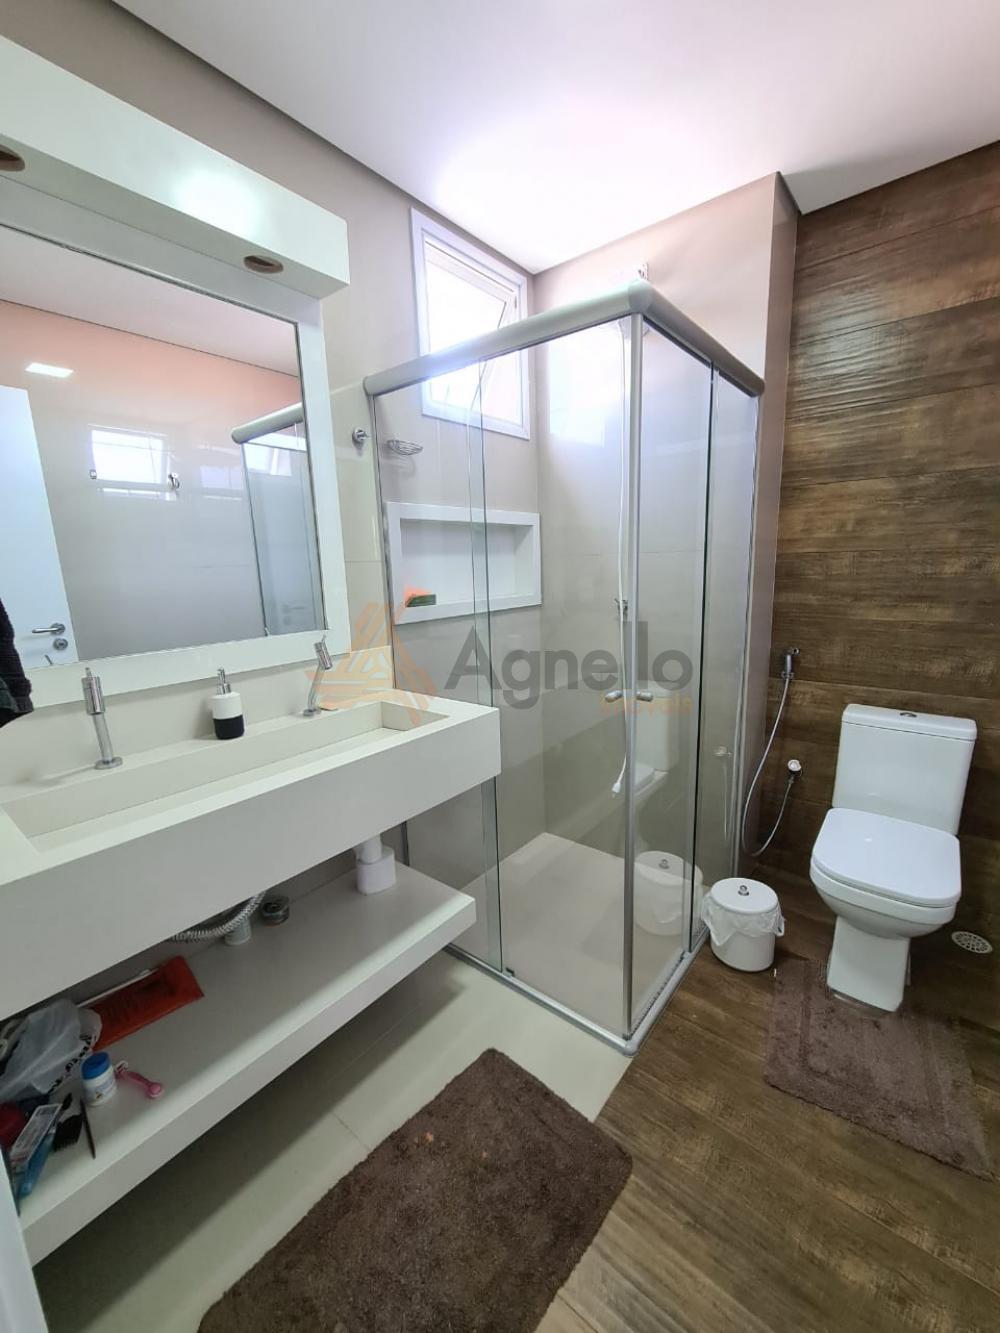 Comprar Apartamento / Padrão em Franca R$ 850.000,00 - Foto 13